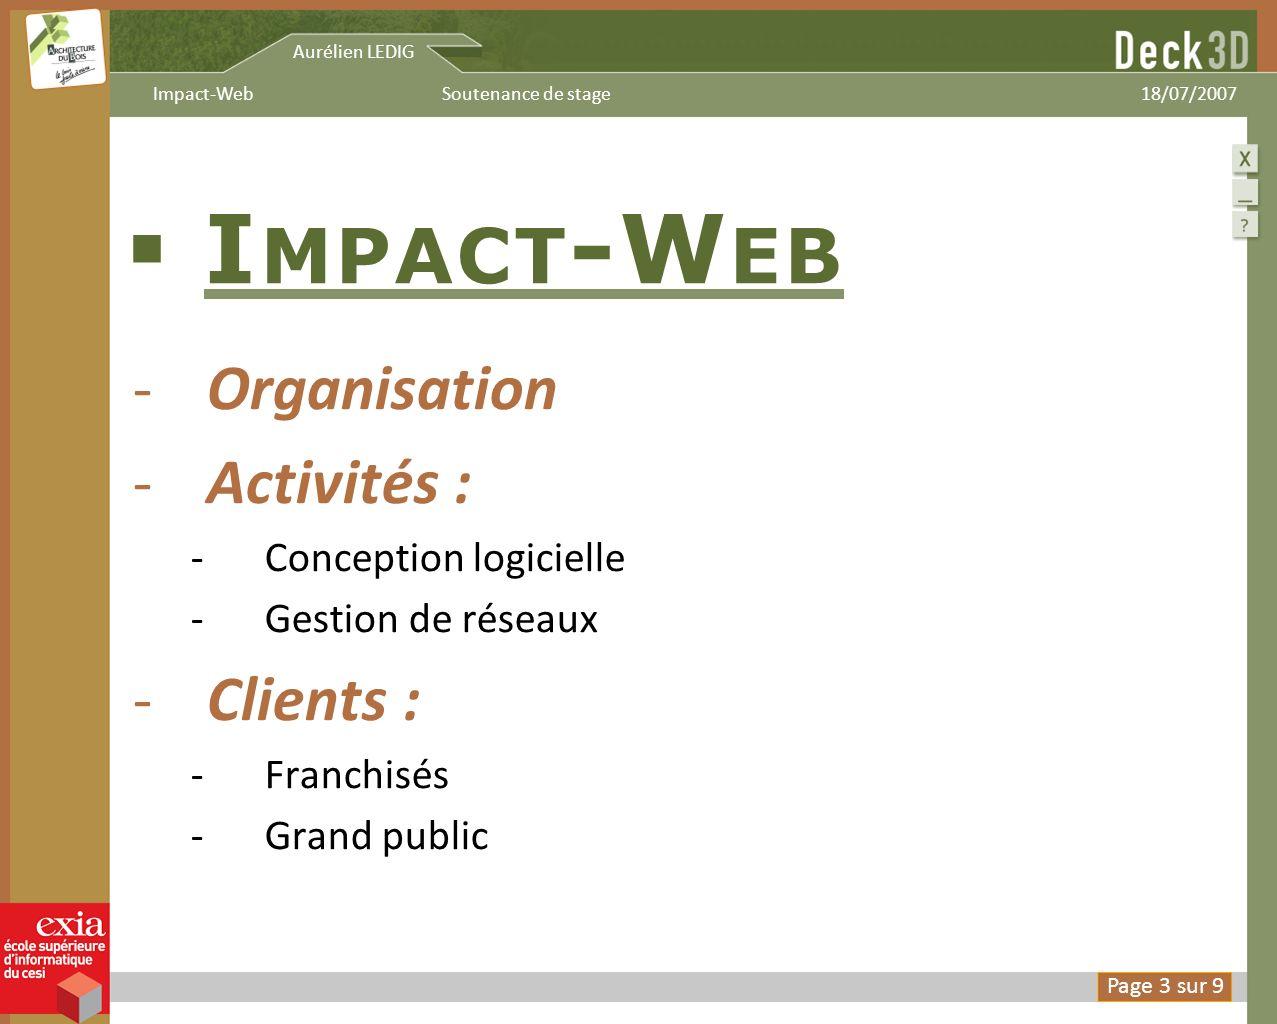 I MPACT -W EB -Organisation -Activités : -Conception logicielle -Gestion de réseaux -Clients : -Franchisés -Grand public Aurélien LEDIG 18/07/2007Sout